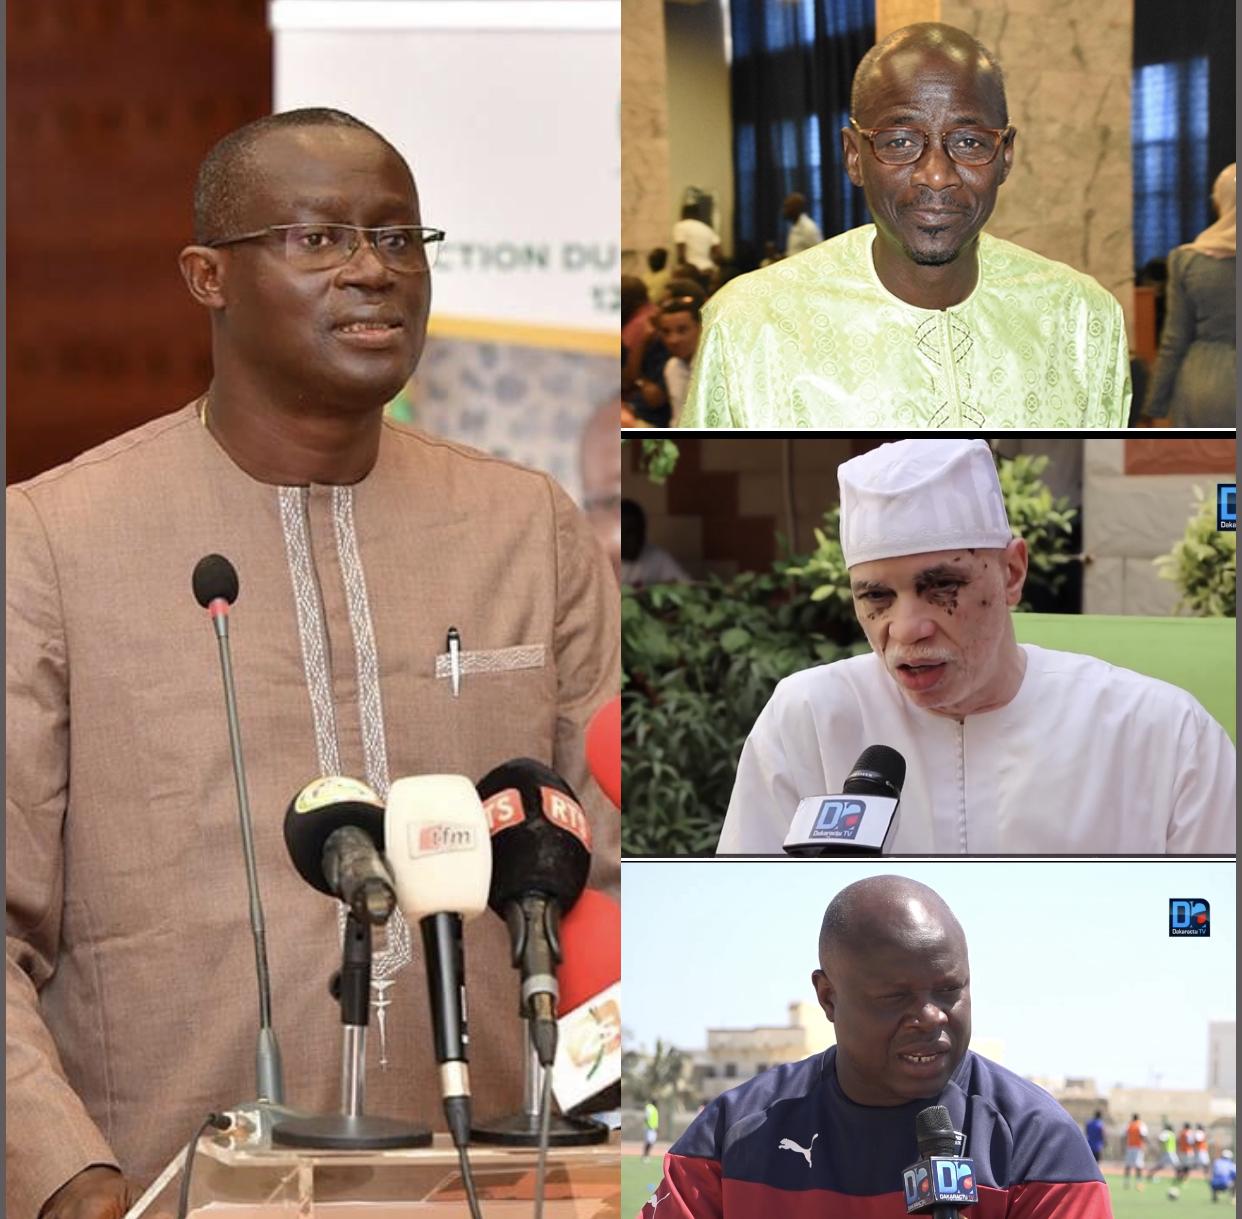 Réunion comité exécutif FSF : Installation d'une commission chargée de la révision des textes, Mbaye Diouf Dia, Louis Lamotte et Amara Traoré cooptés...